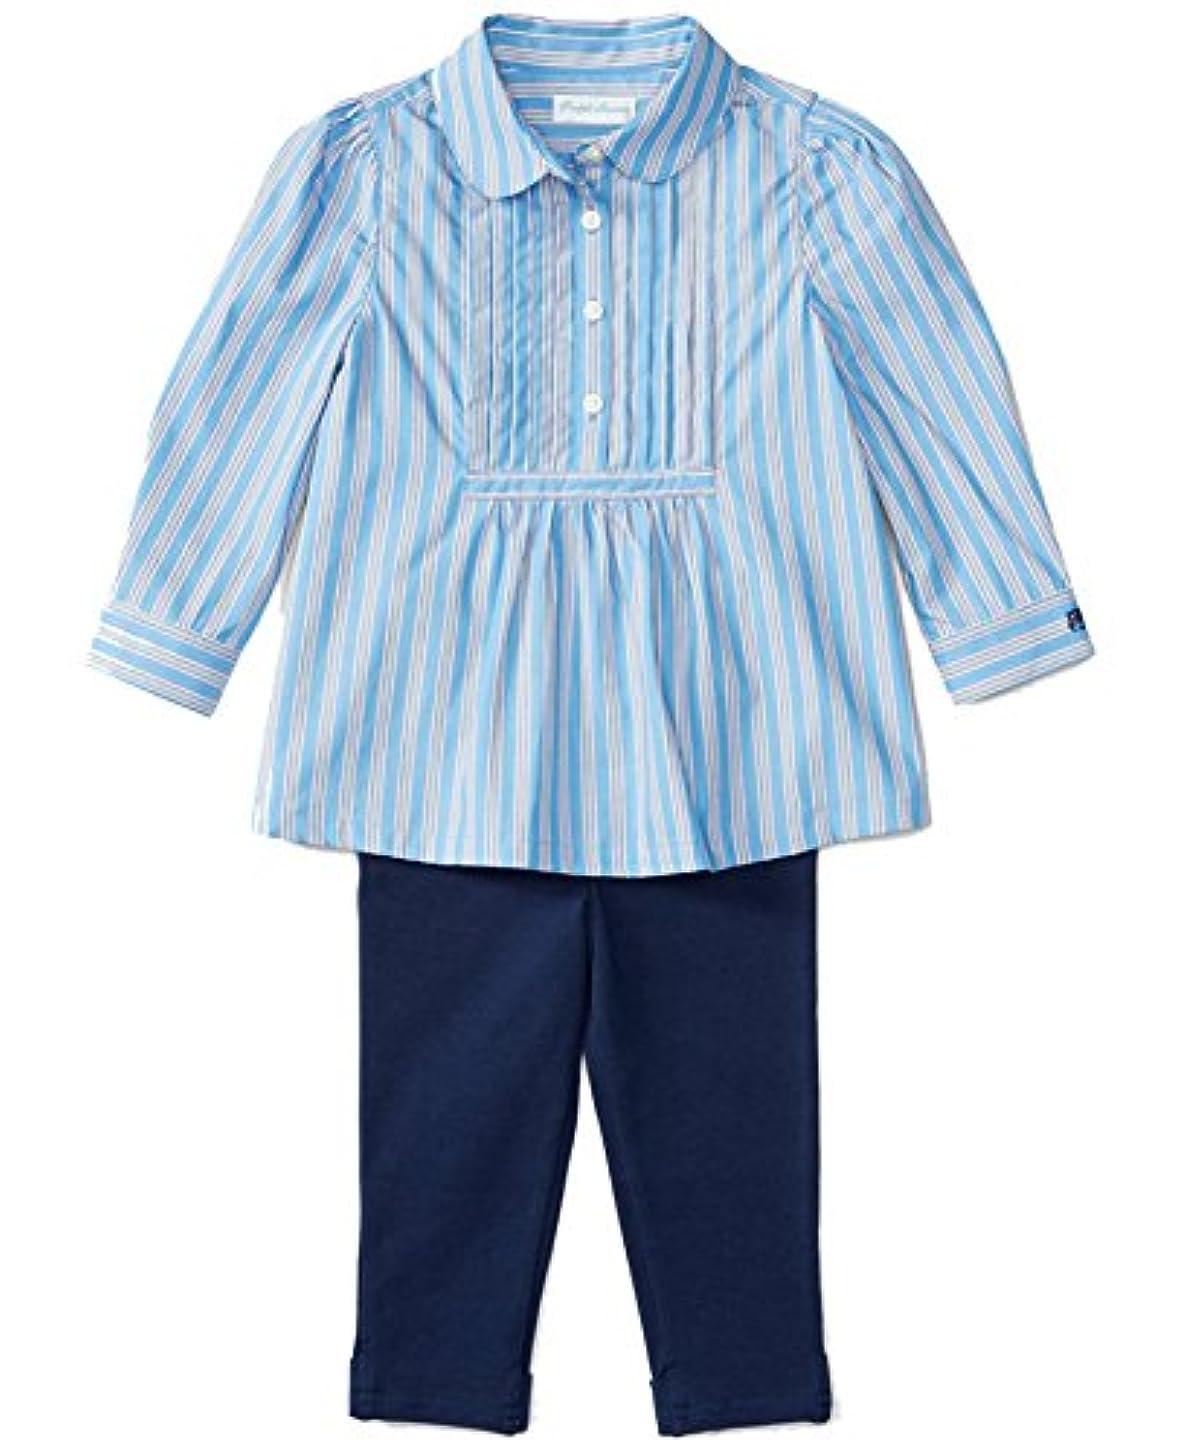 予防接種無条件スワップラルフローレンベビー女の子用長袖シャツ&レギンスセット、ブルーストライプ